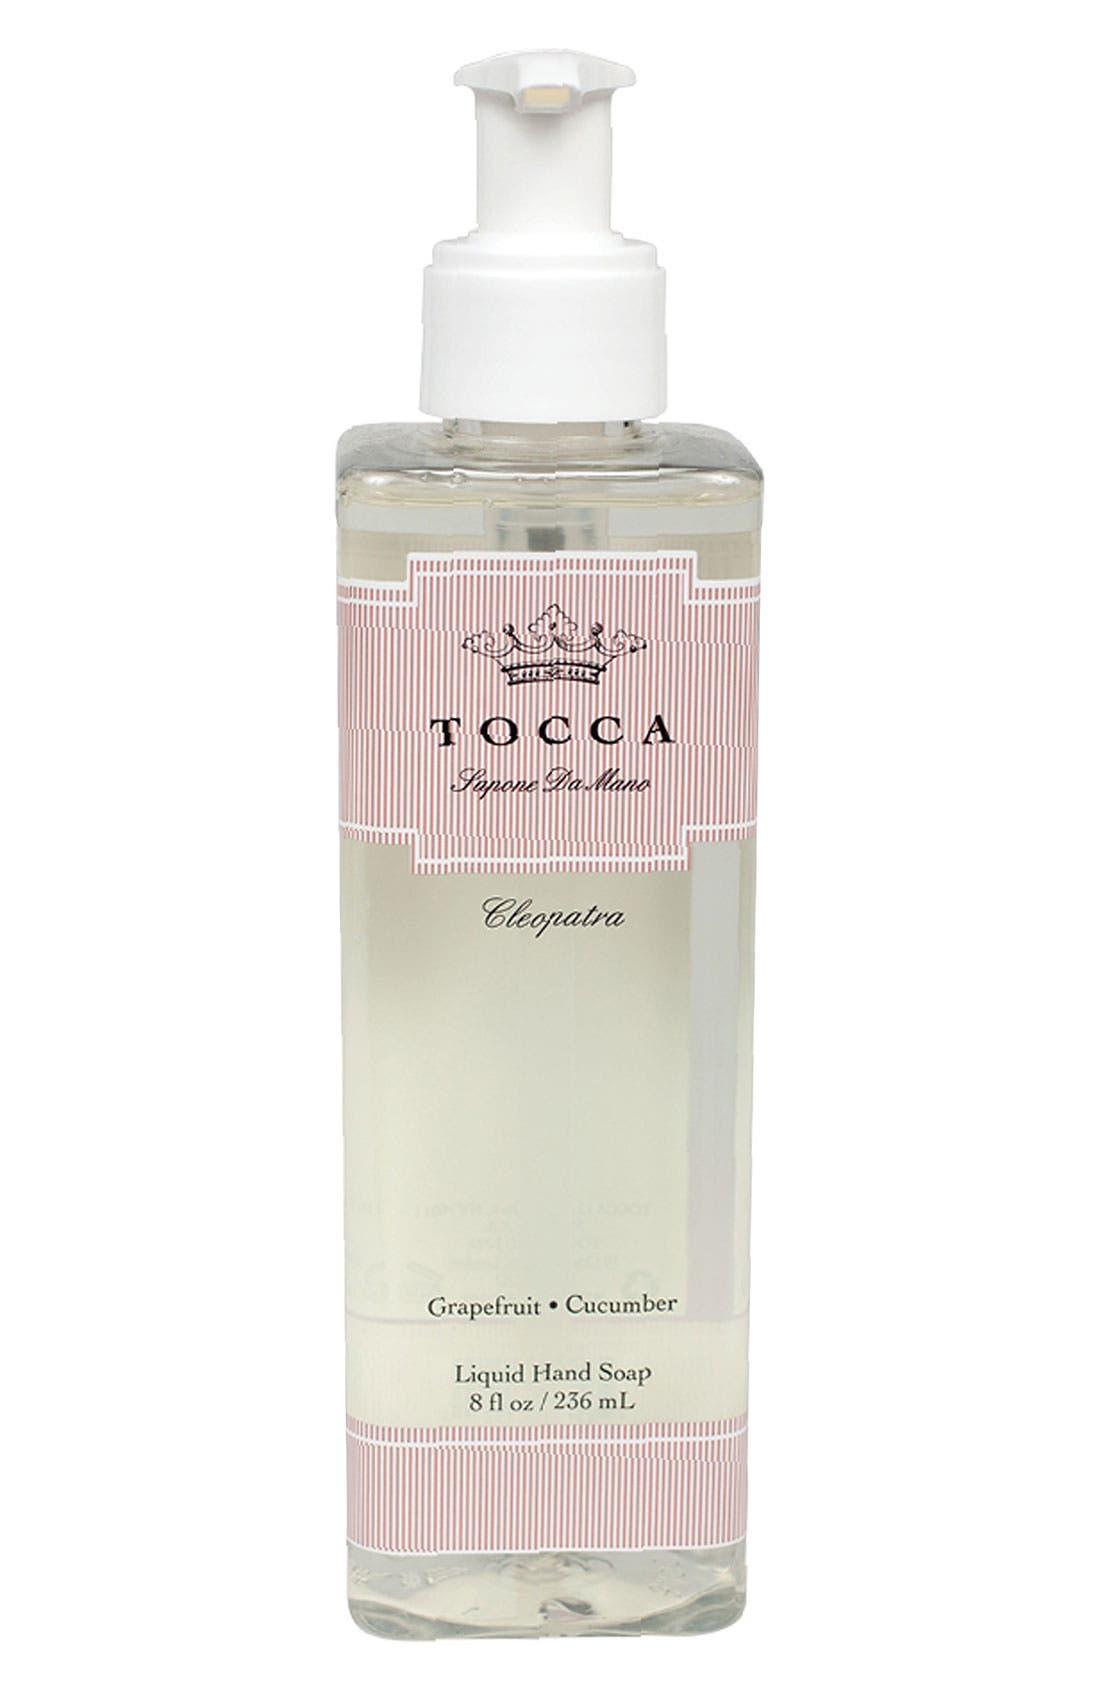 TOCCA 'Cleopatra' Liquid Hand Soap